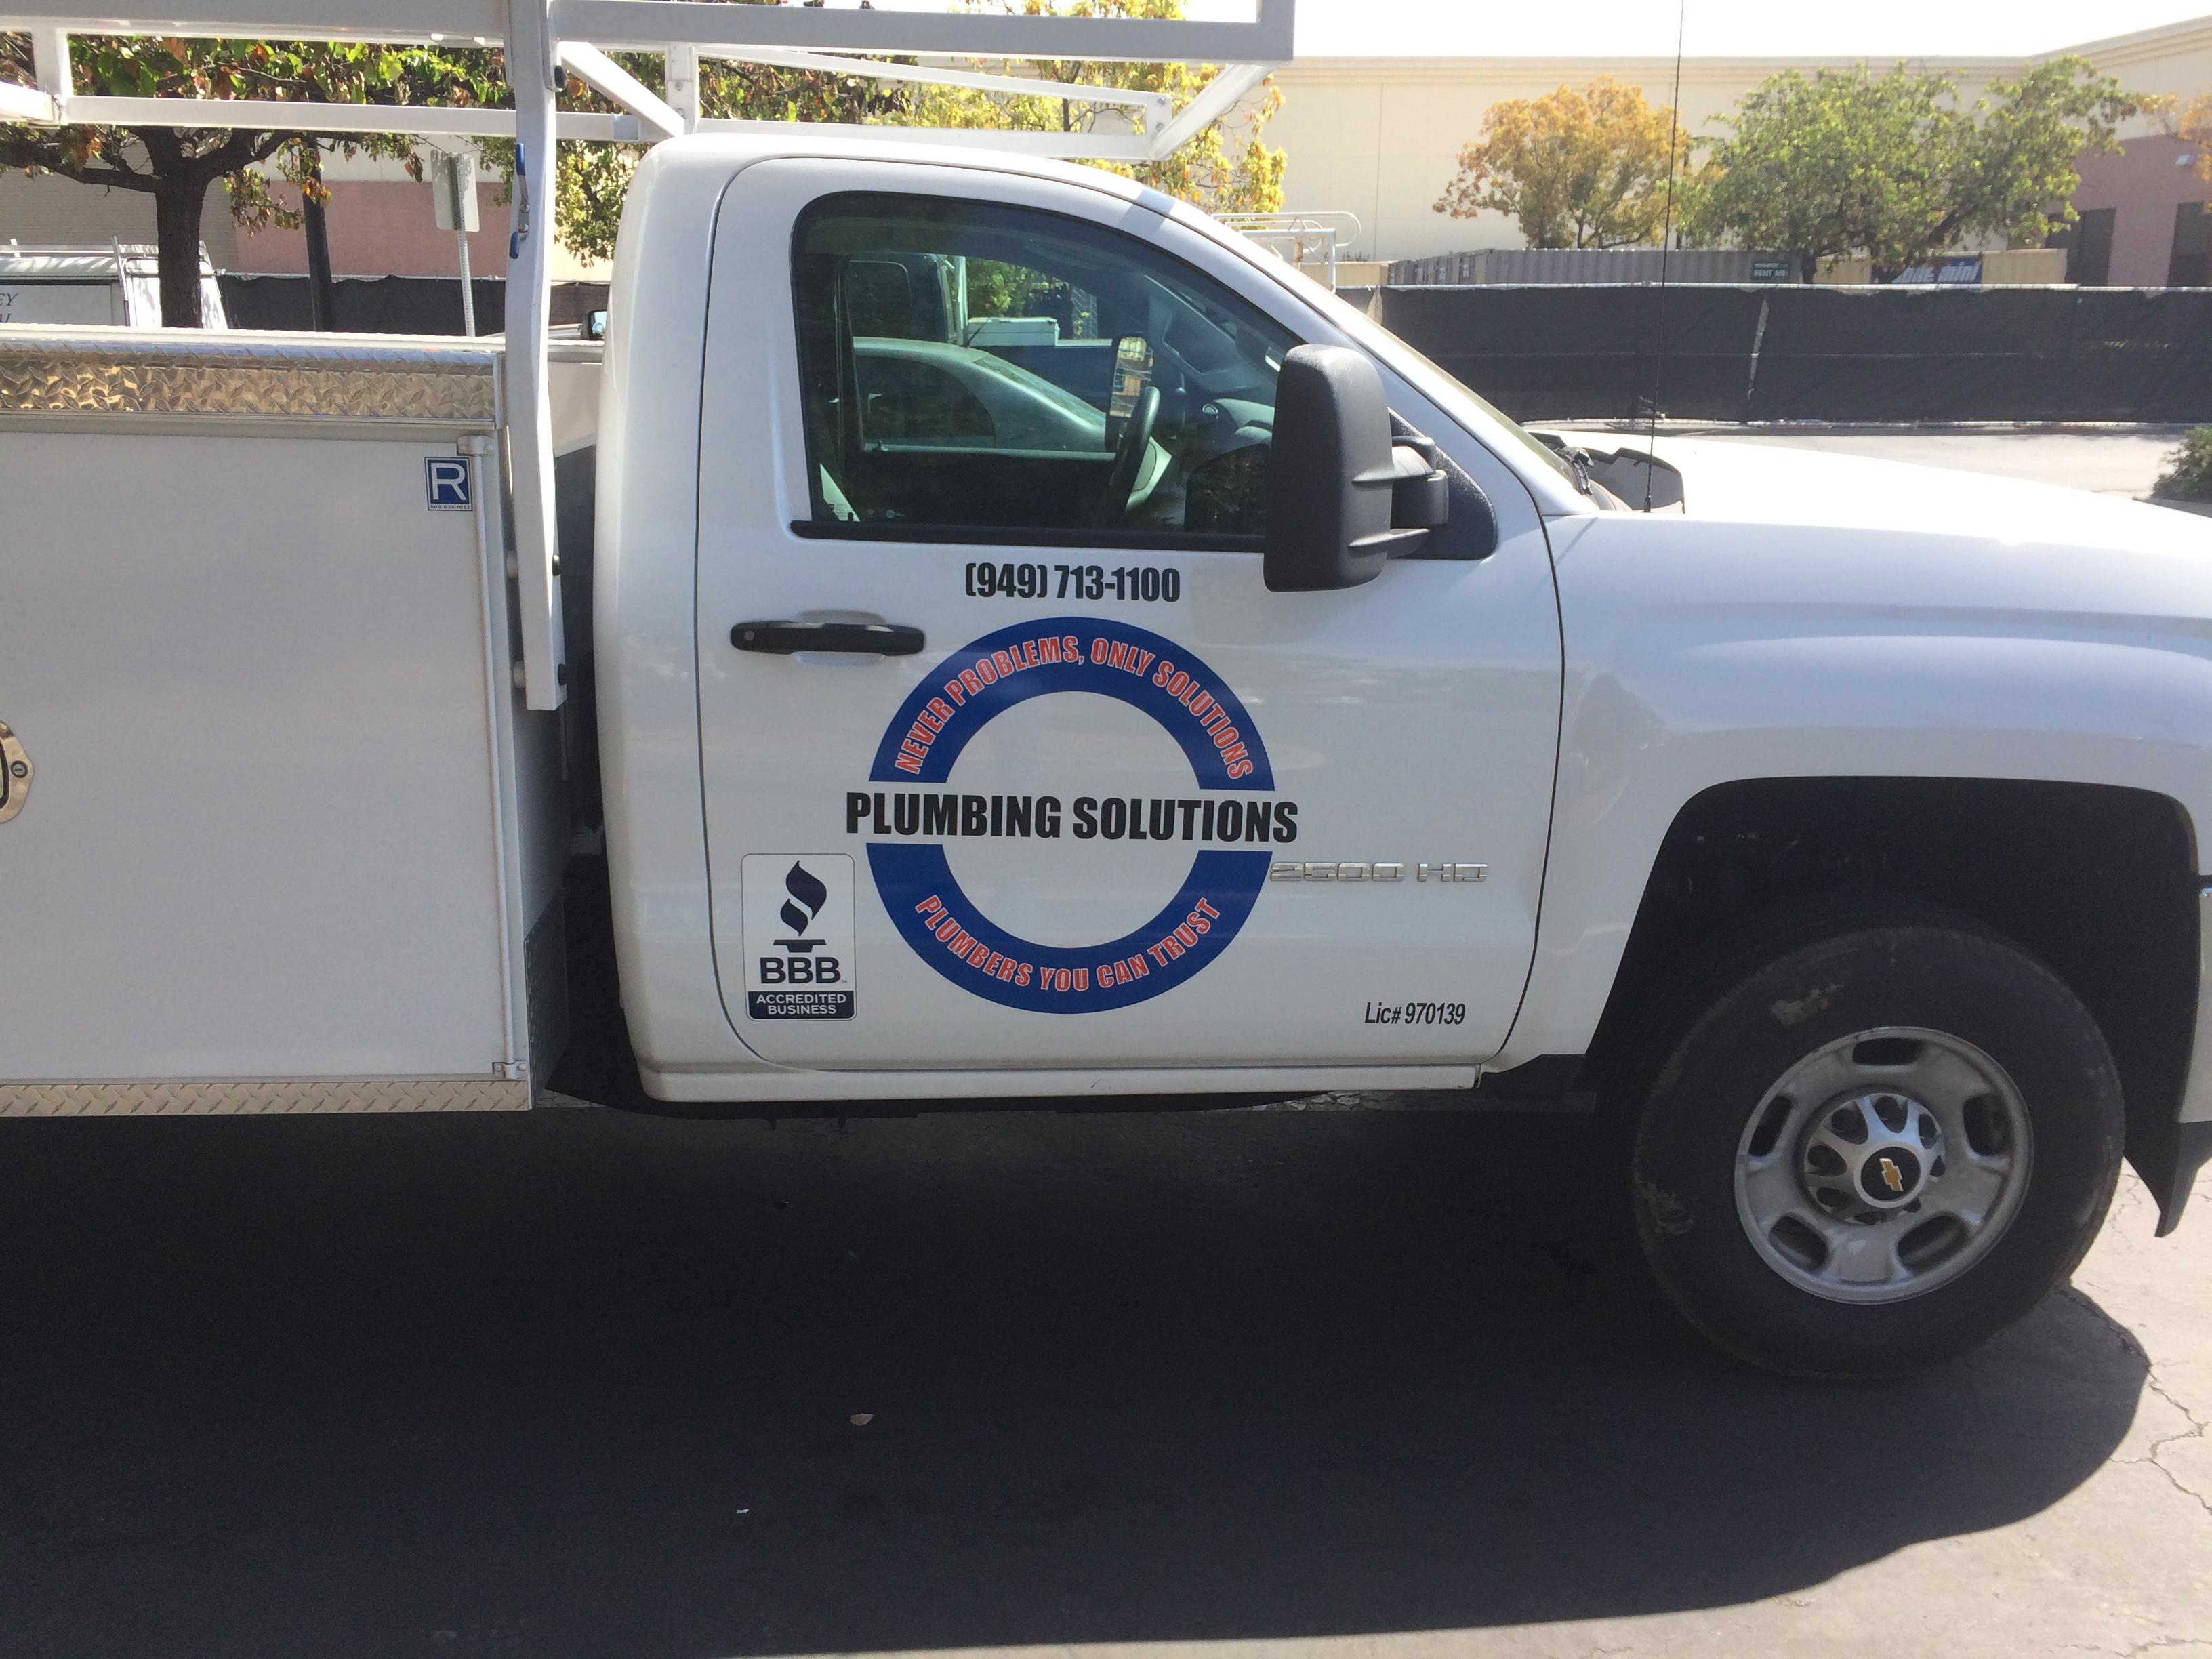 Plumbing Solutions Fleet Wrap